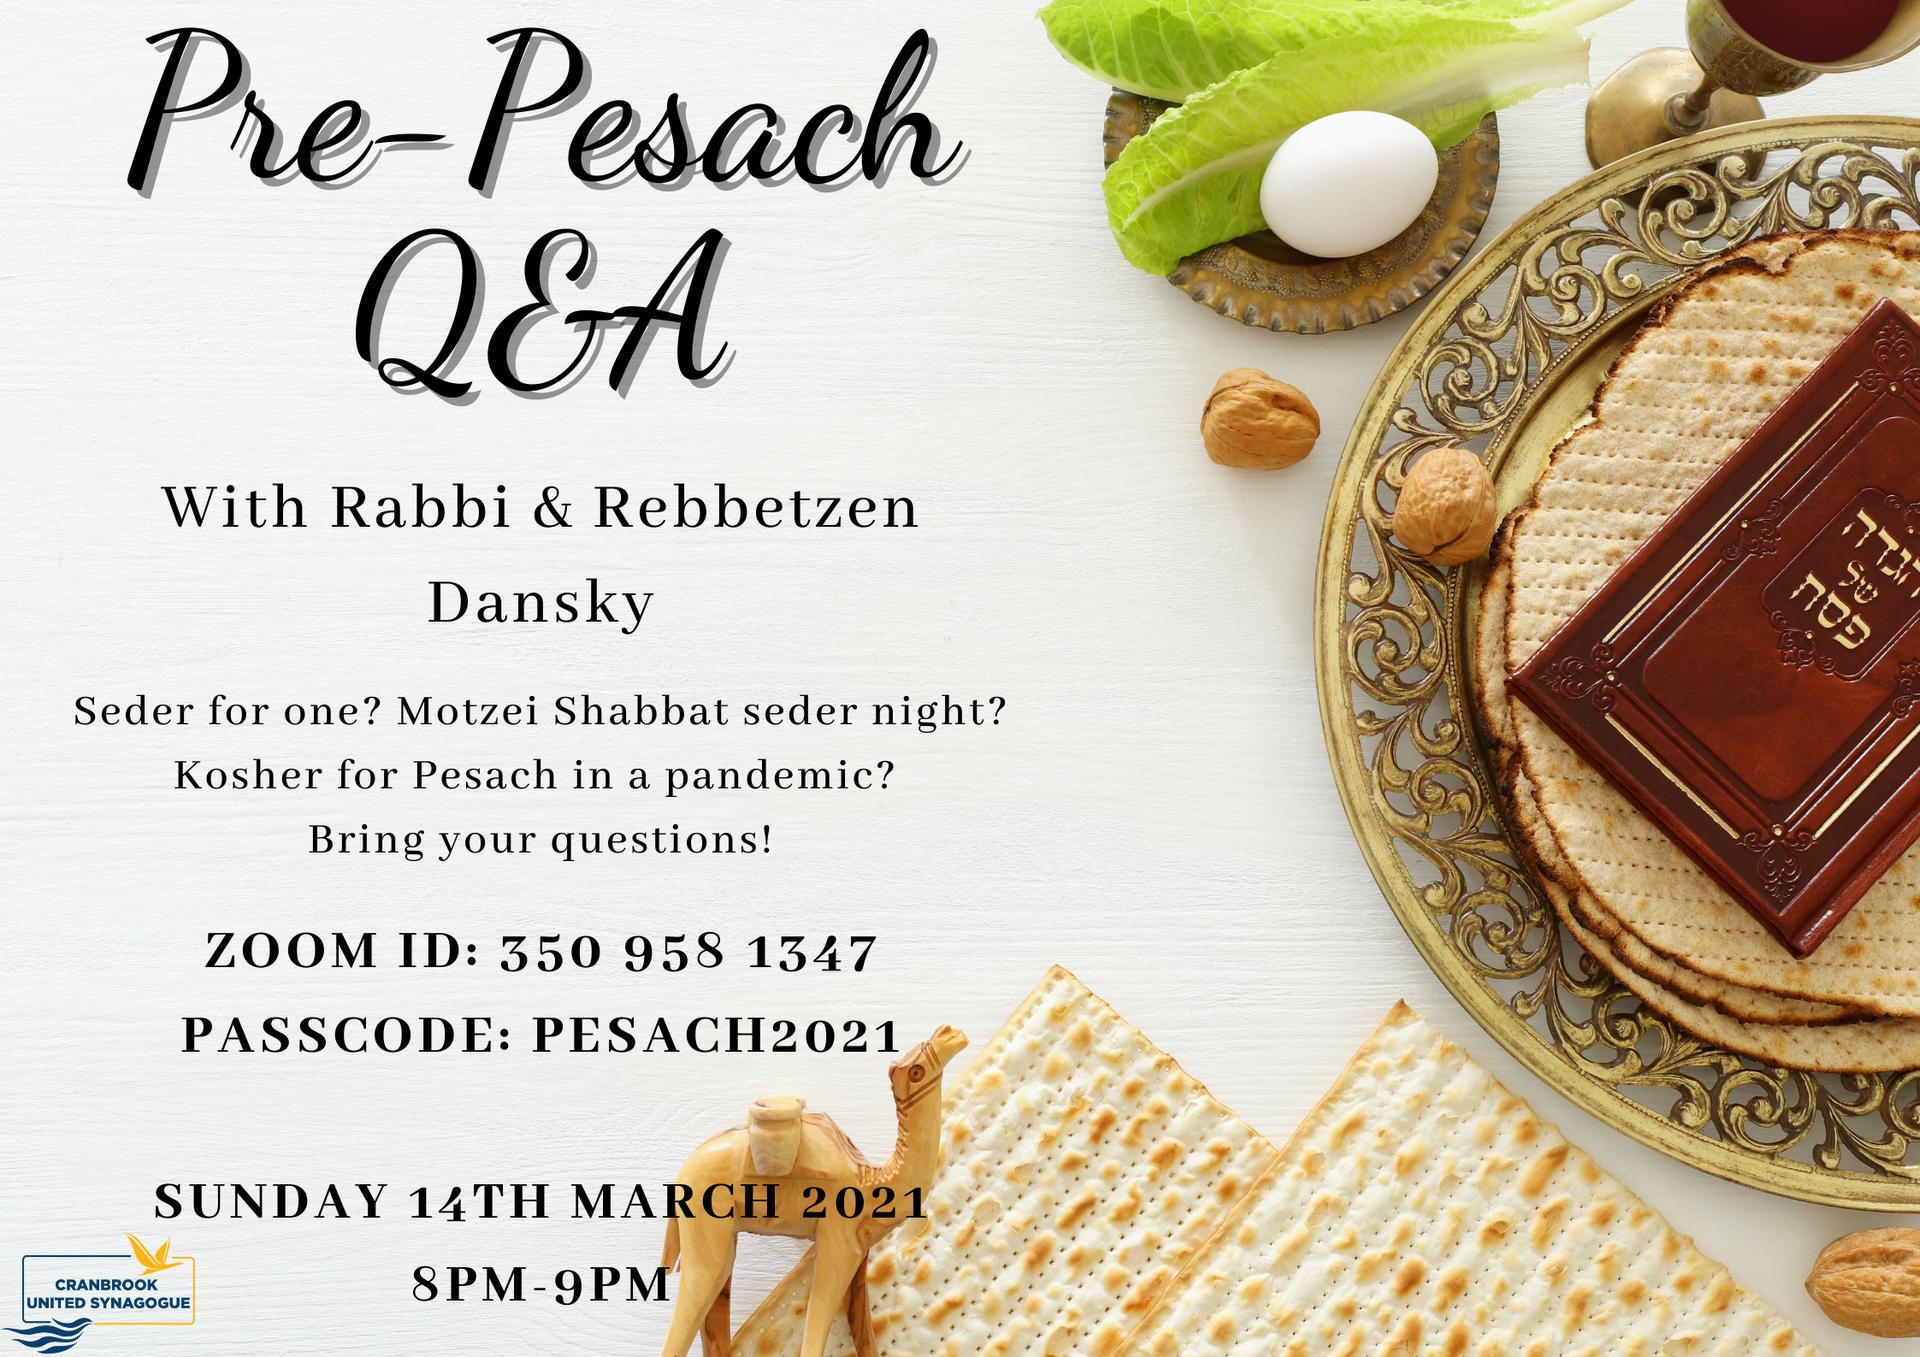 Pre-Pesach Q&A